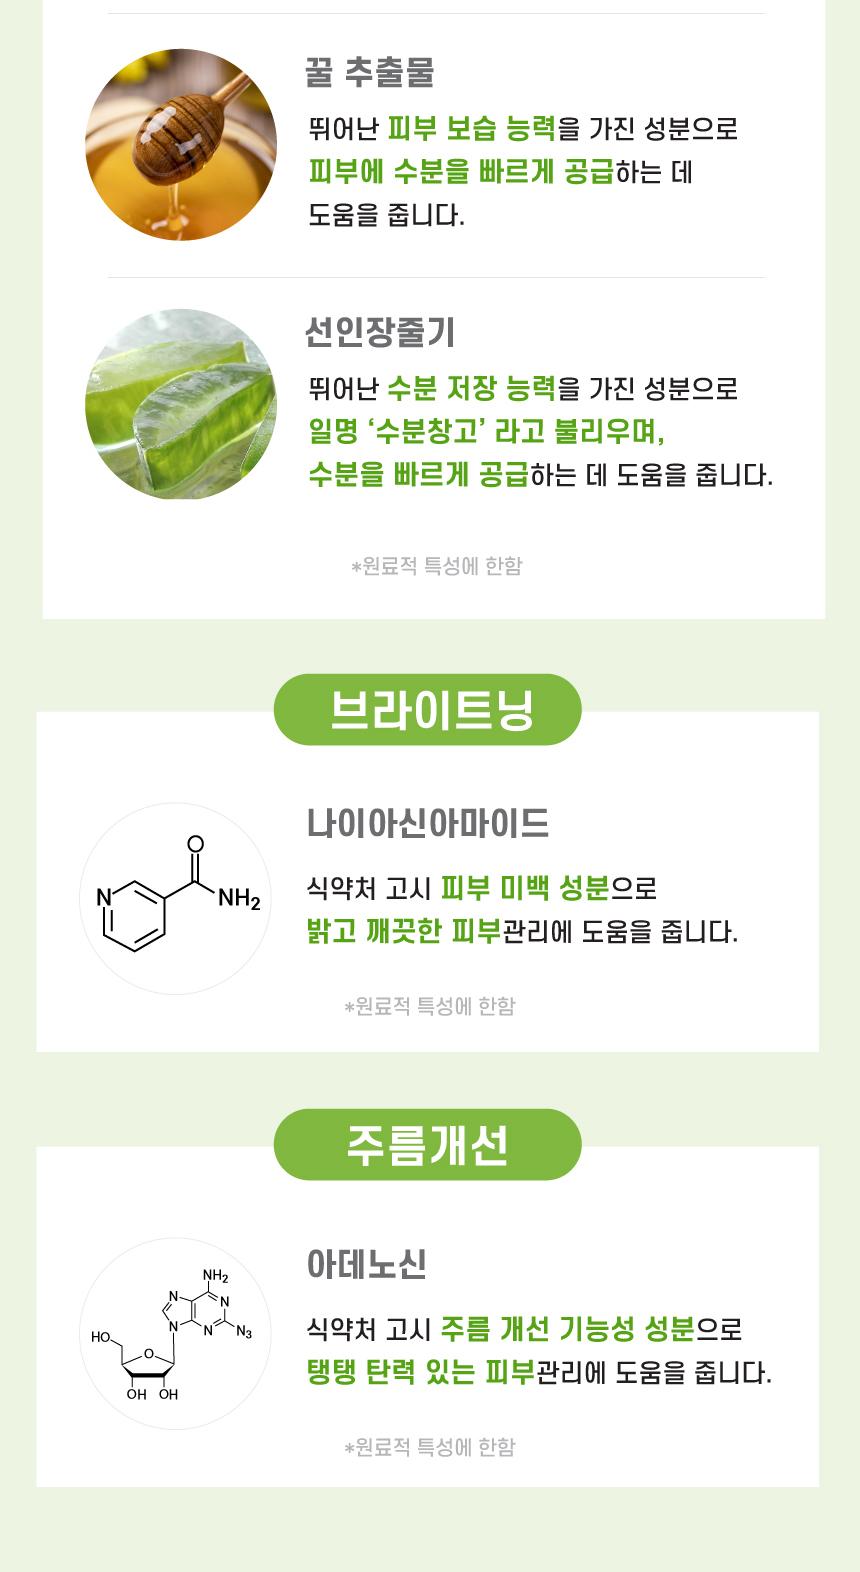 원페이스 모링가크림 수분크림 탄력크림 톤업크림 영양크림 고보습크림